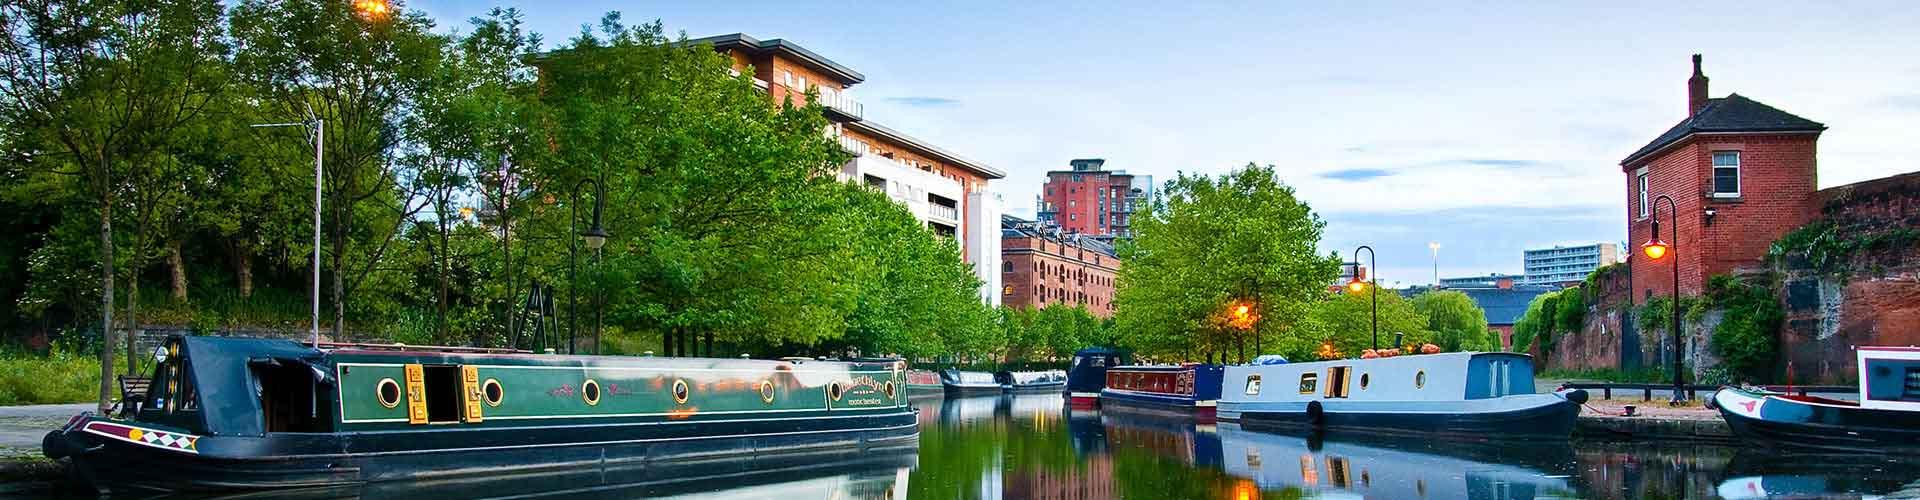 Manchester - Szobák Manchester. Manchester térképek, fotók és ajánlások minden egyes Manchester szobáról.